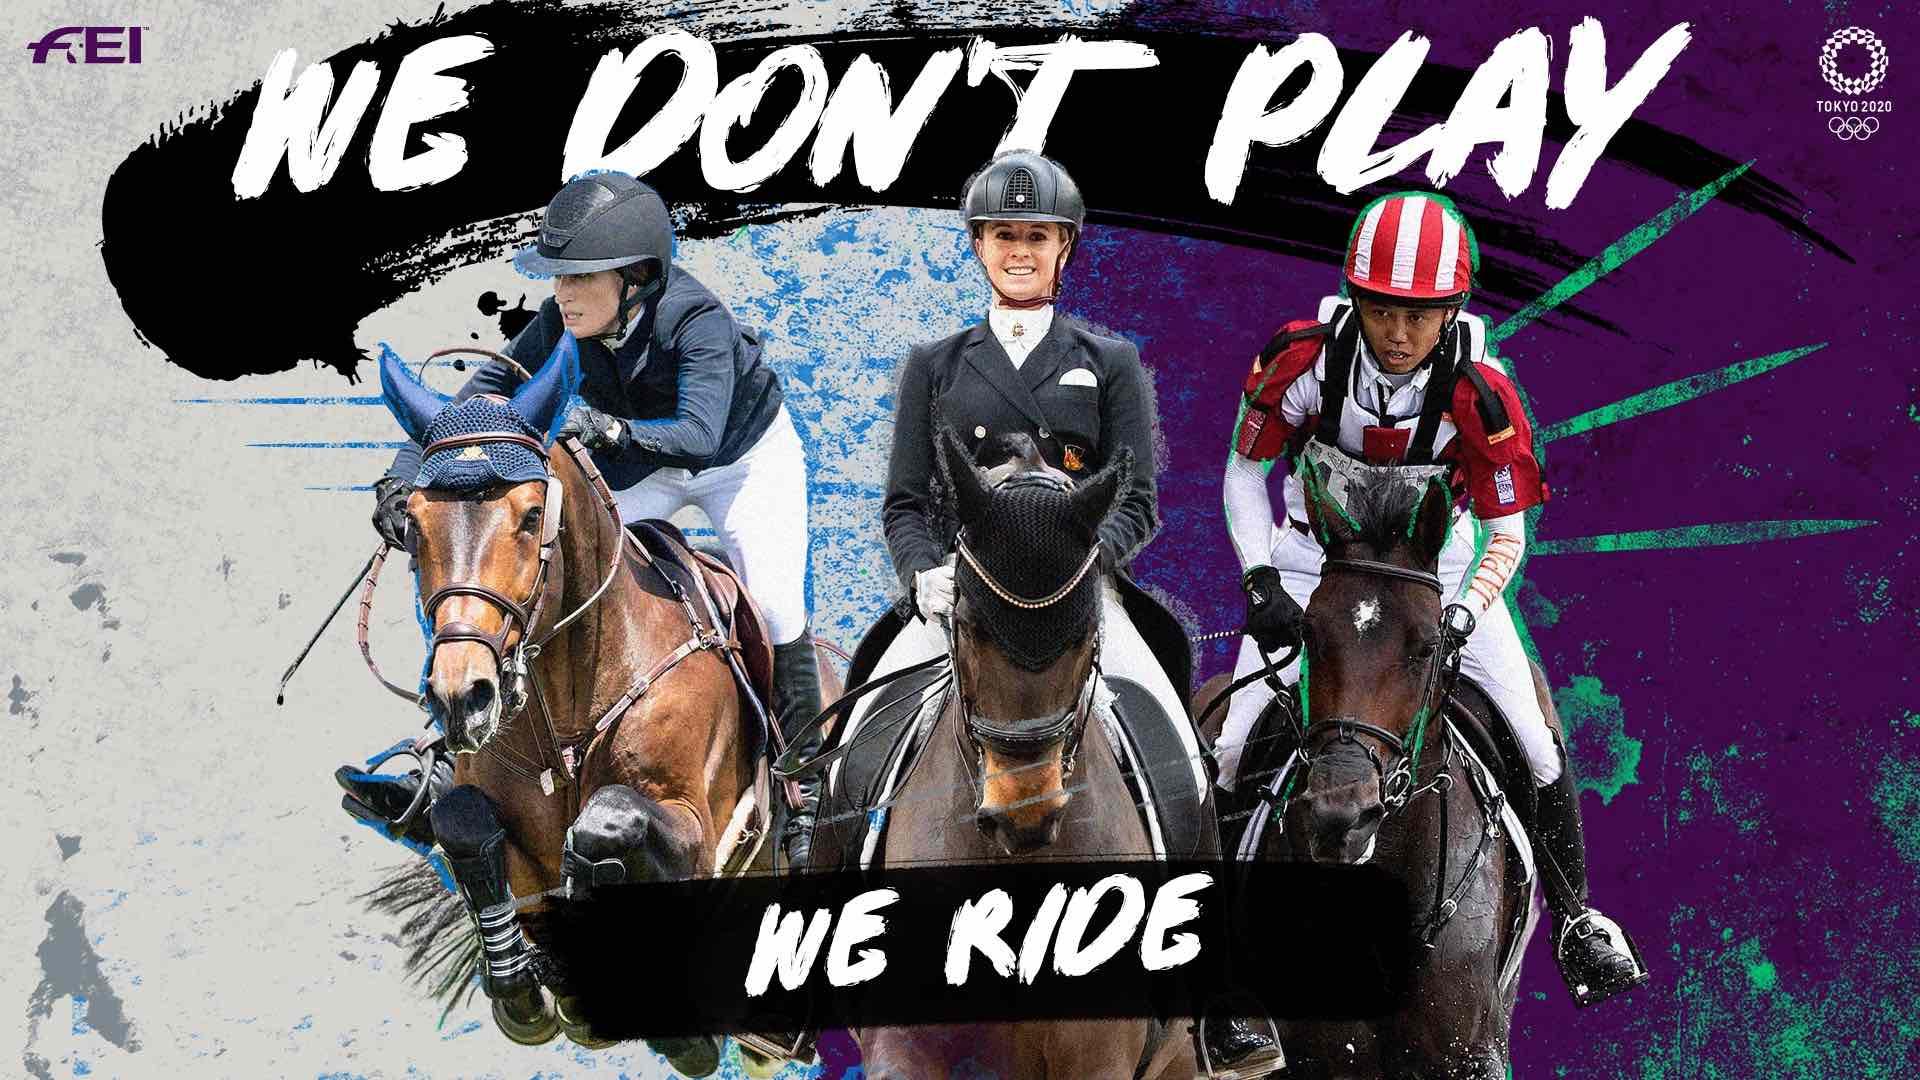 オリンピック馬術「#WeDontPlay」キャンペーン動画約580万回再生